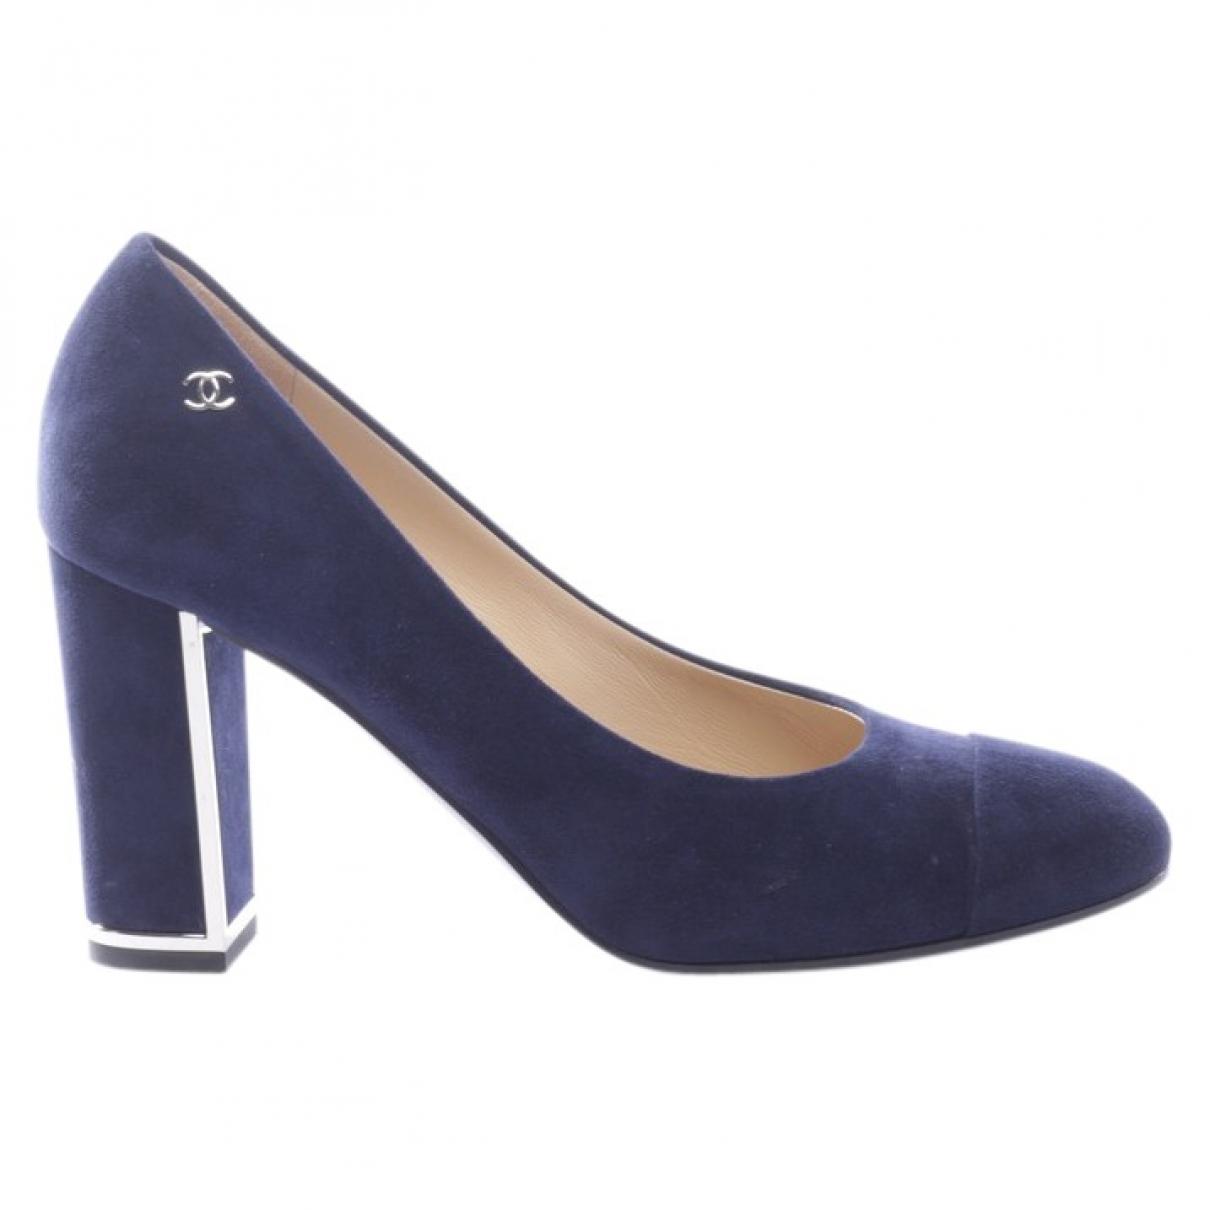 Chanel \N Pumps in  Blau Veloursleder